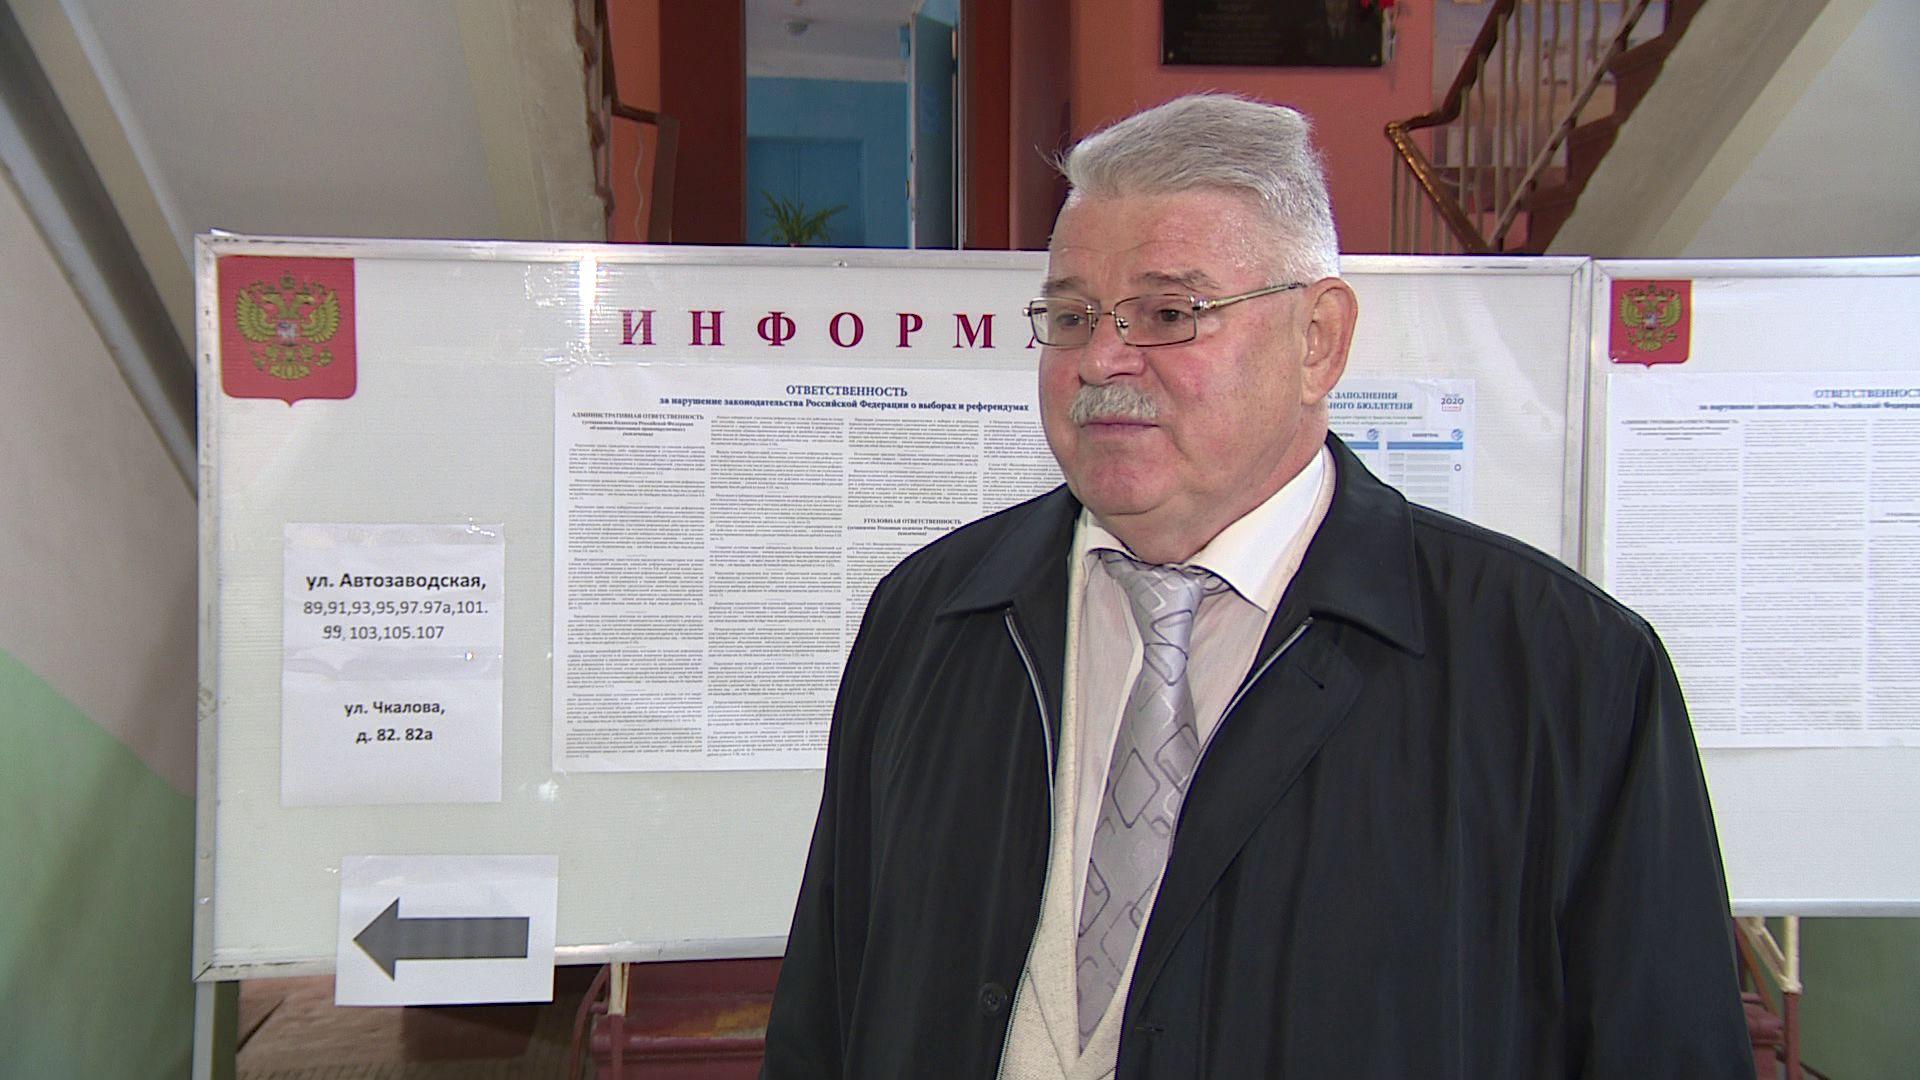 Владимир Муратов: «Наши жители выберут достойного кандидата»